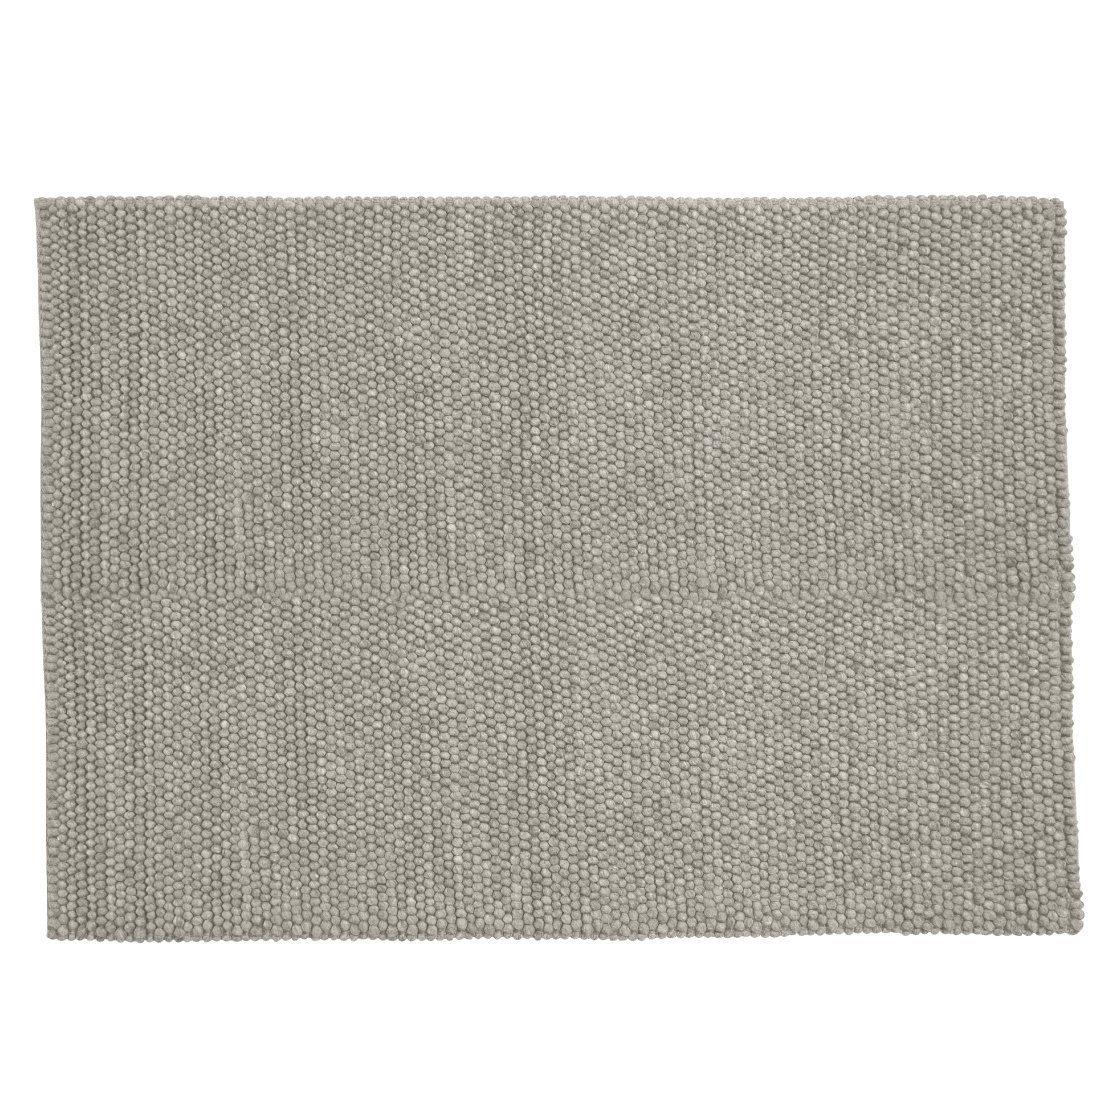 HAY Peas Karpet Vloerkleed Medium Grijs 200 x 300 cm